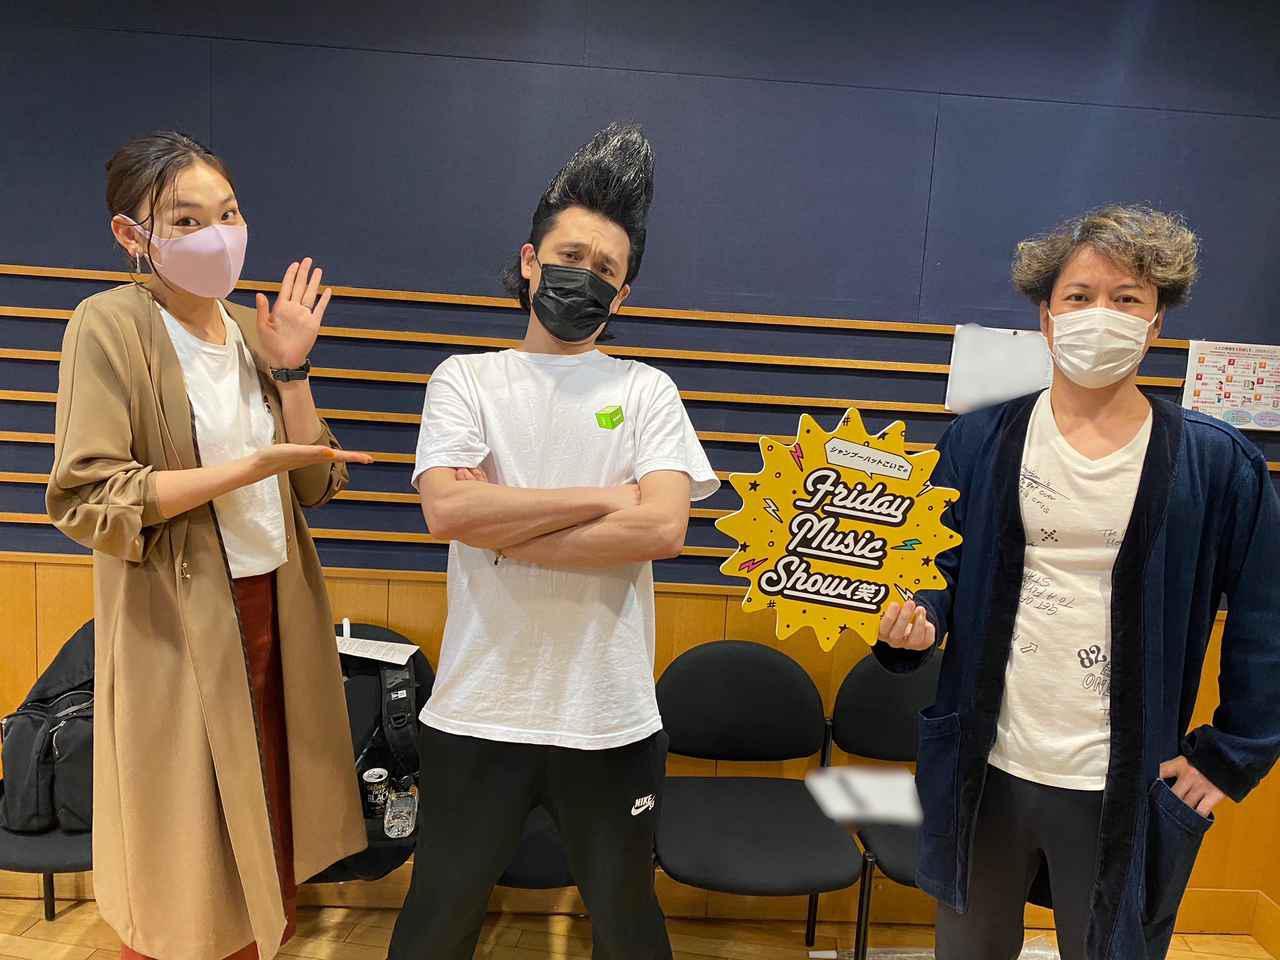 画像: 6月4日(金)シャンプーハットこいでのFriday Music Show(笑)